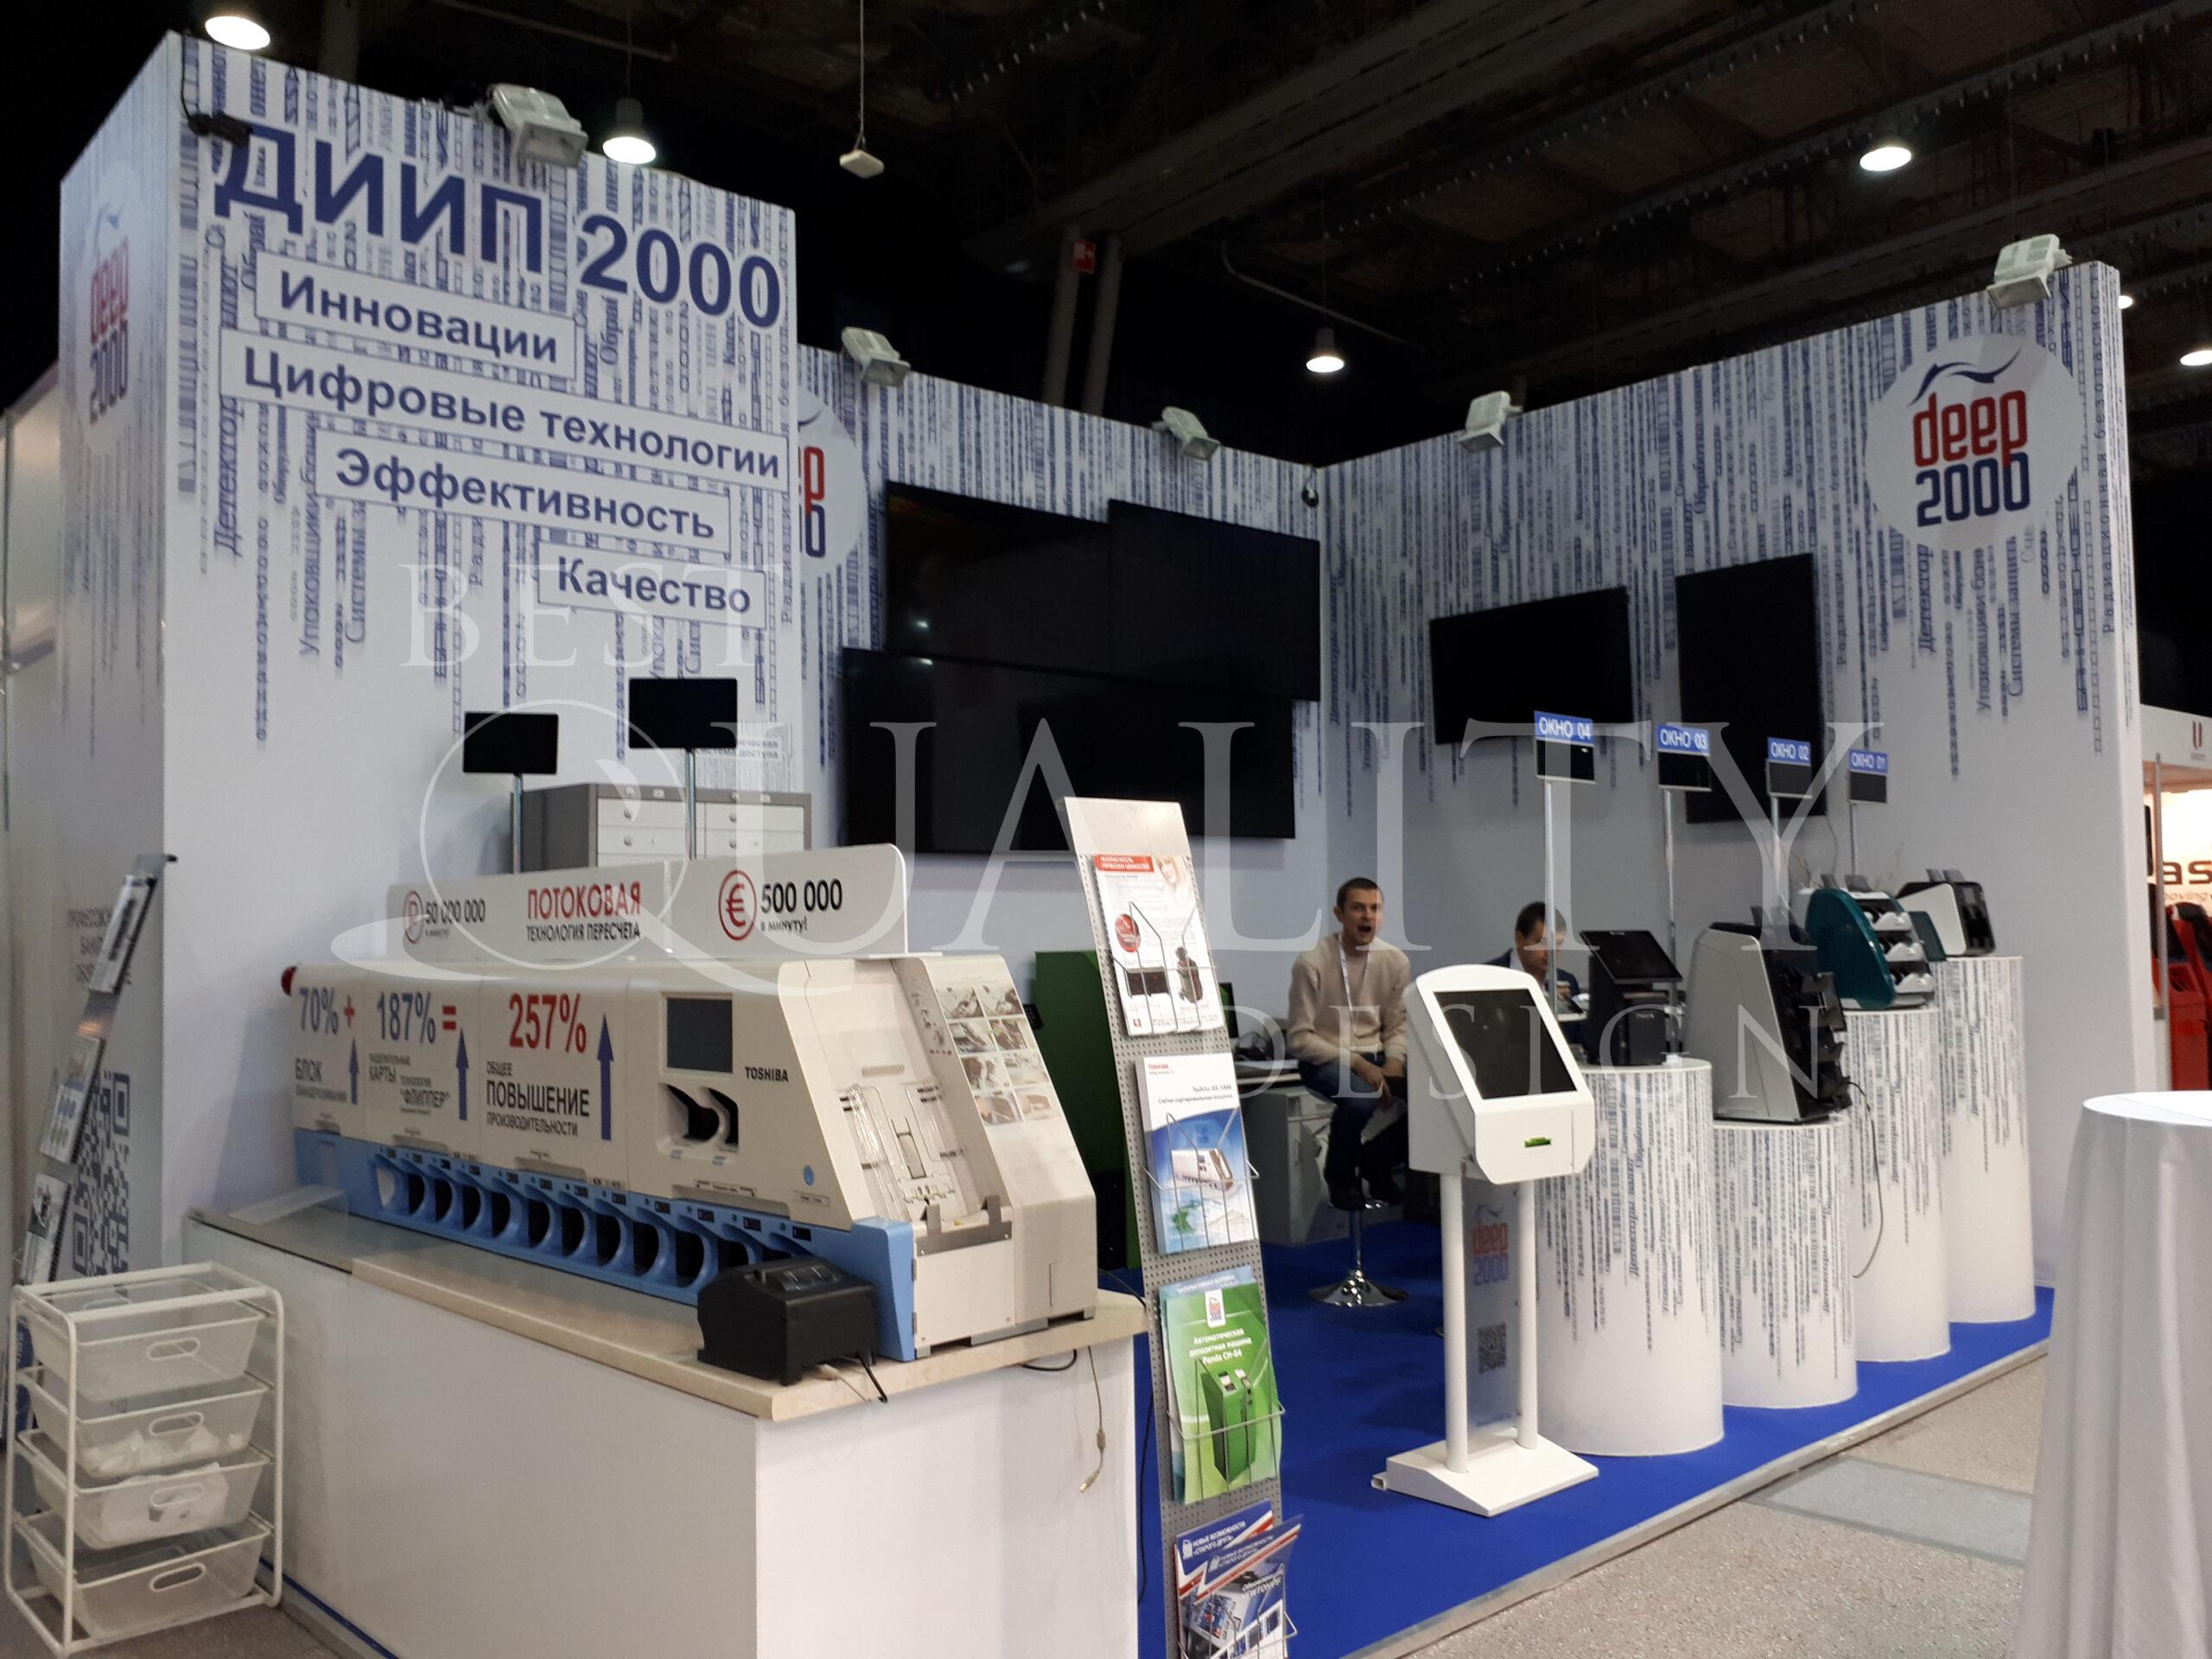 Изготовление стендов для компании ДИИП-2000